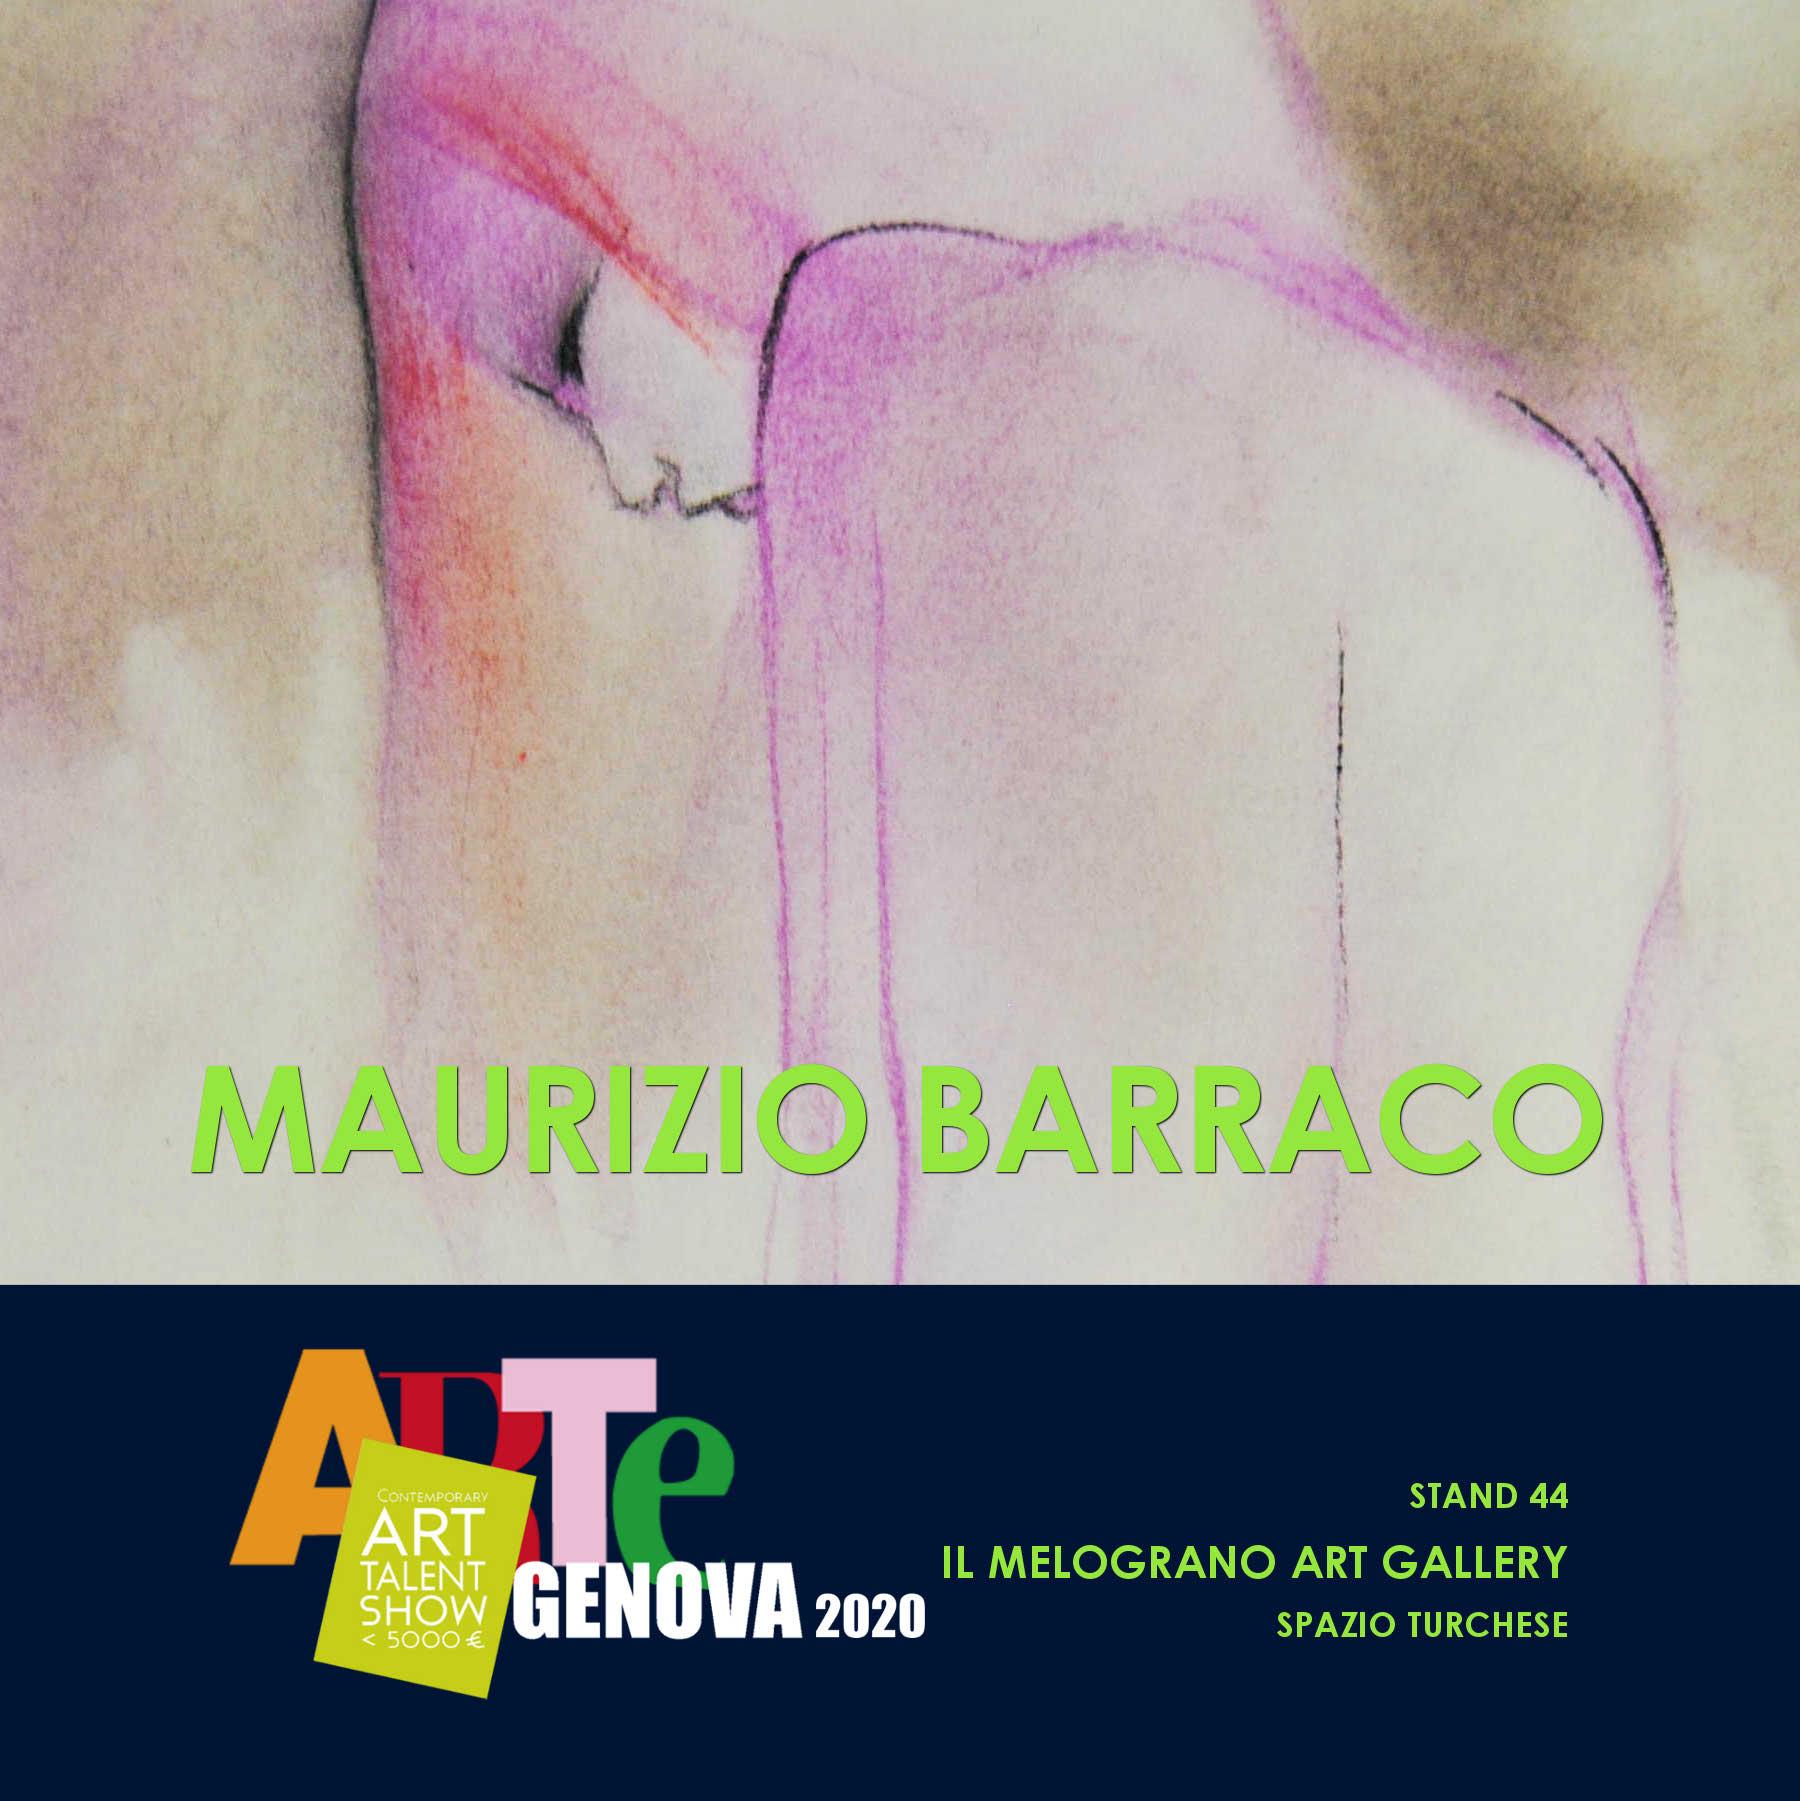 La Vena Artistica Genova maurizio barraco - artegenova 2020 - il melograno art